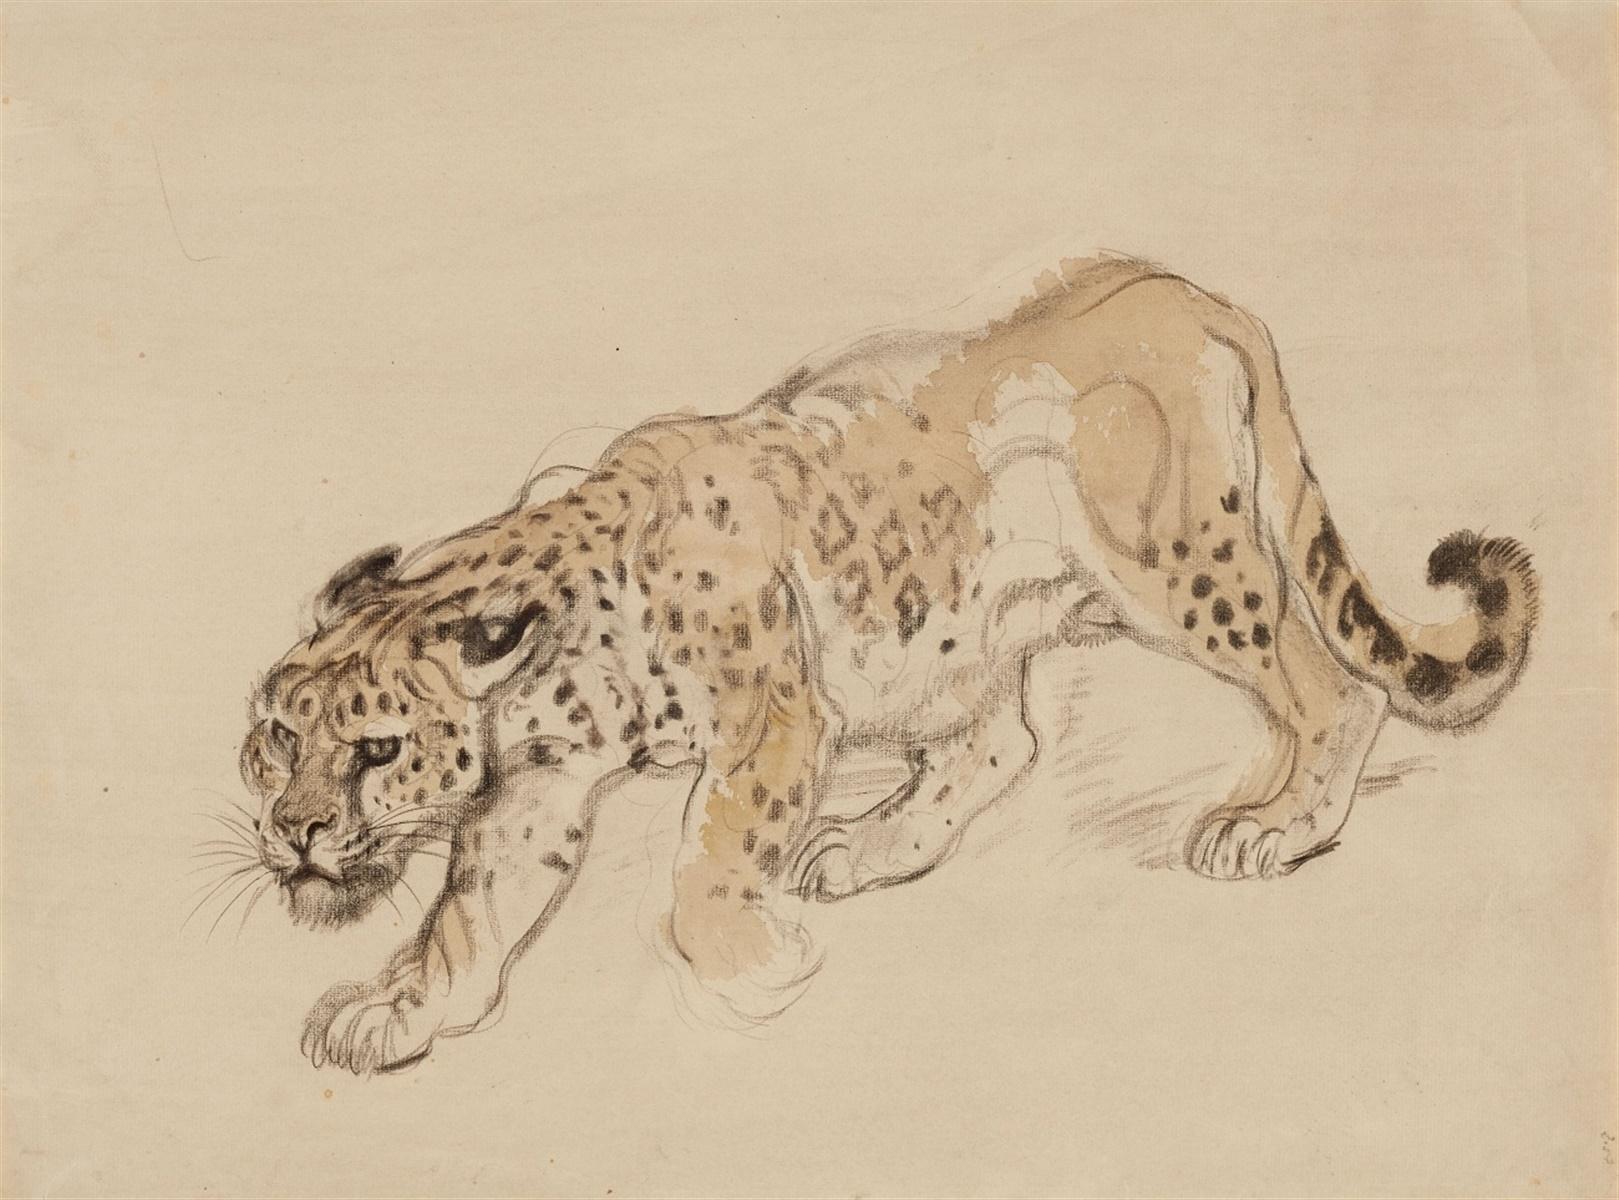 Los 53 - Schleichender LeopardAquarell über Kohle auf Papier. Monogrammiert unten rechts lhj. 35,5 x 47,5 cm.